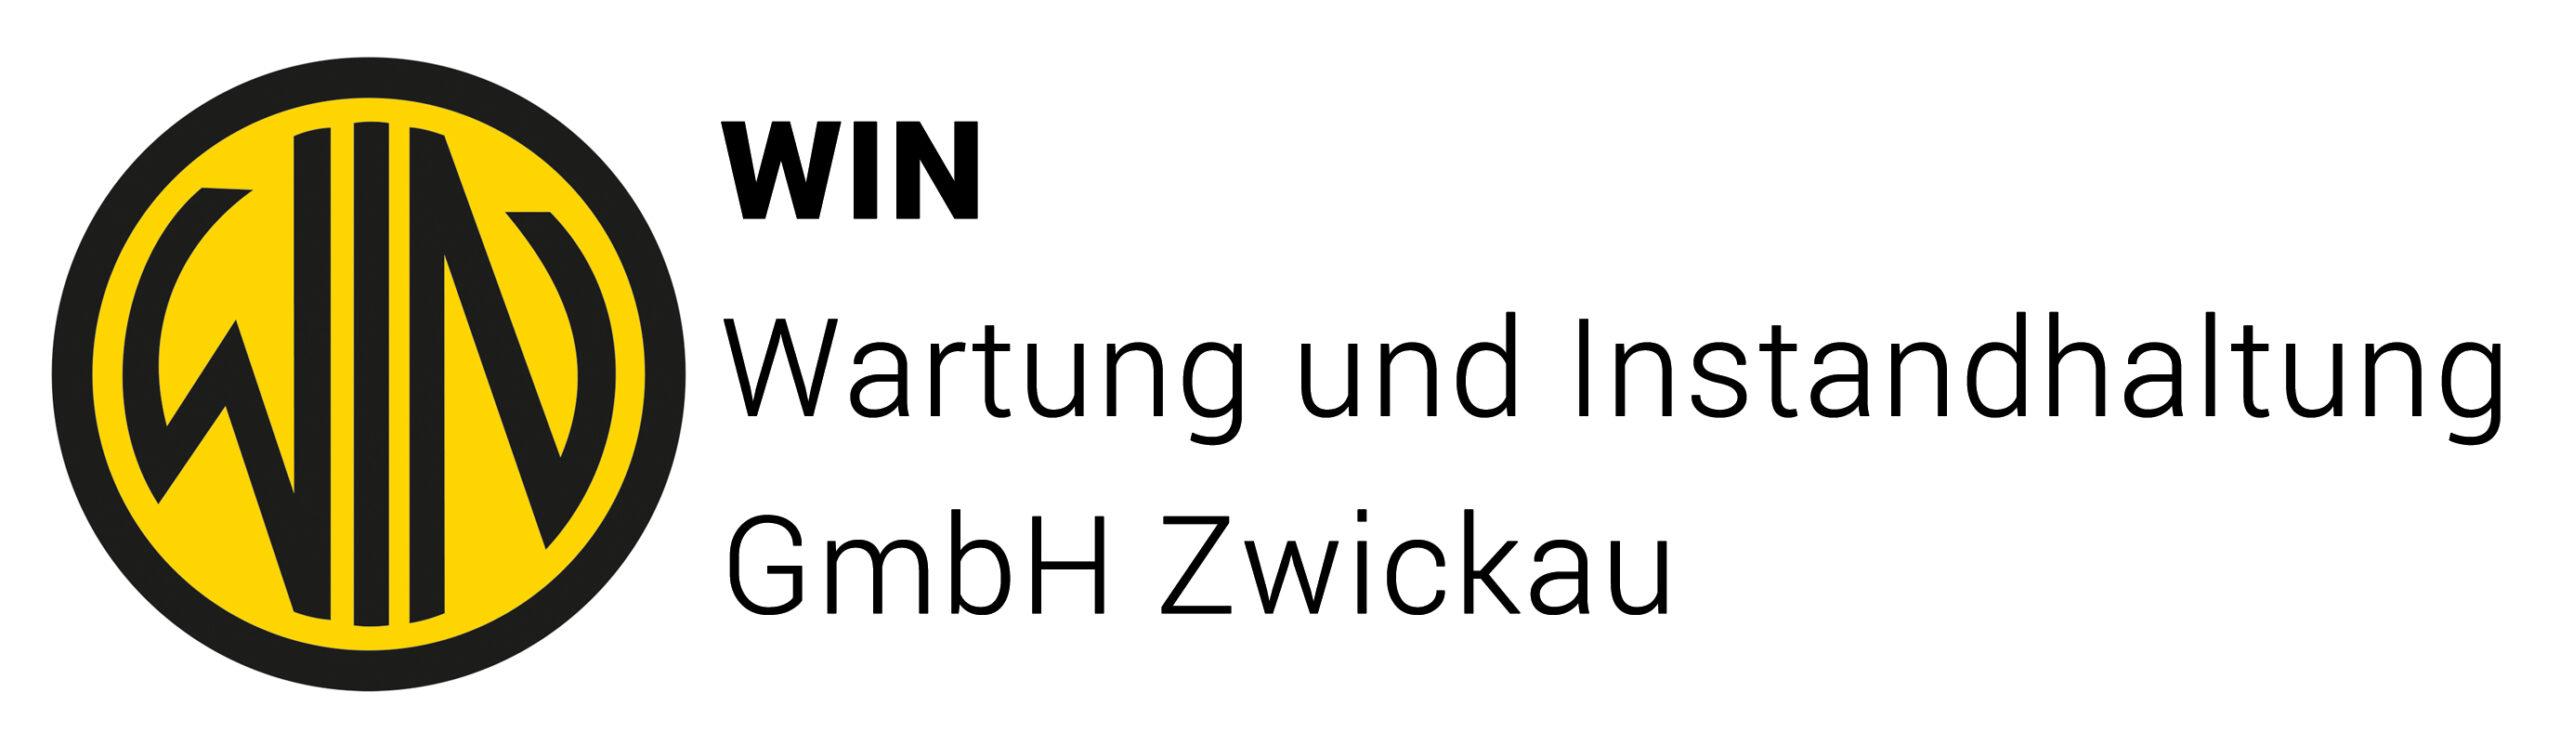 WIN Wartung und Instandhaltung GmbH Zwickau